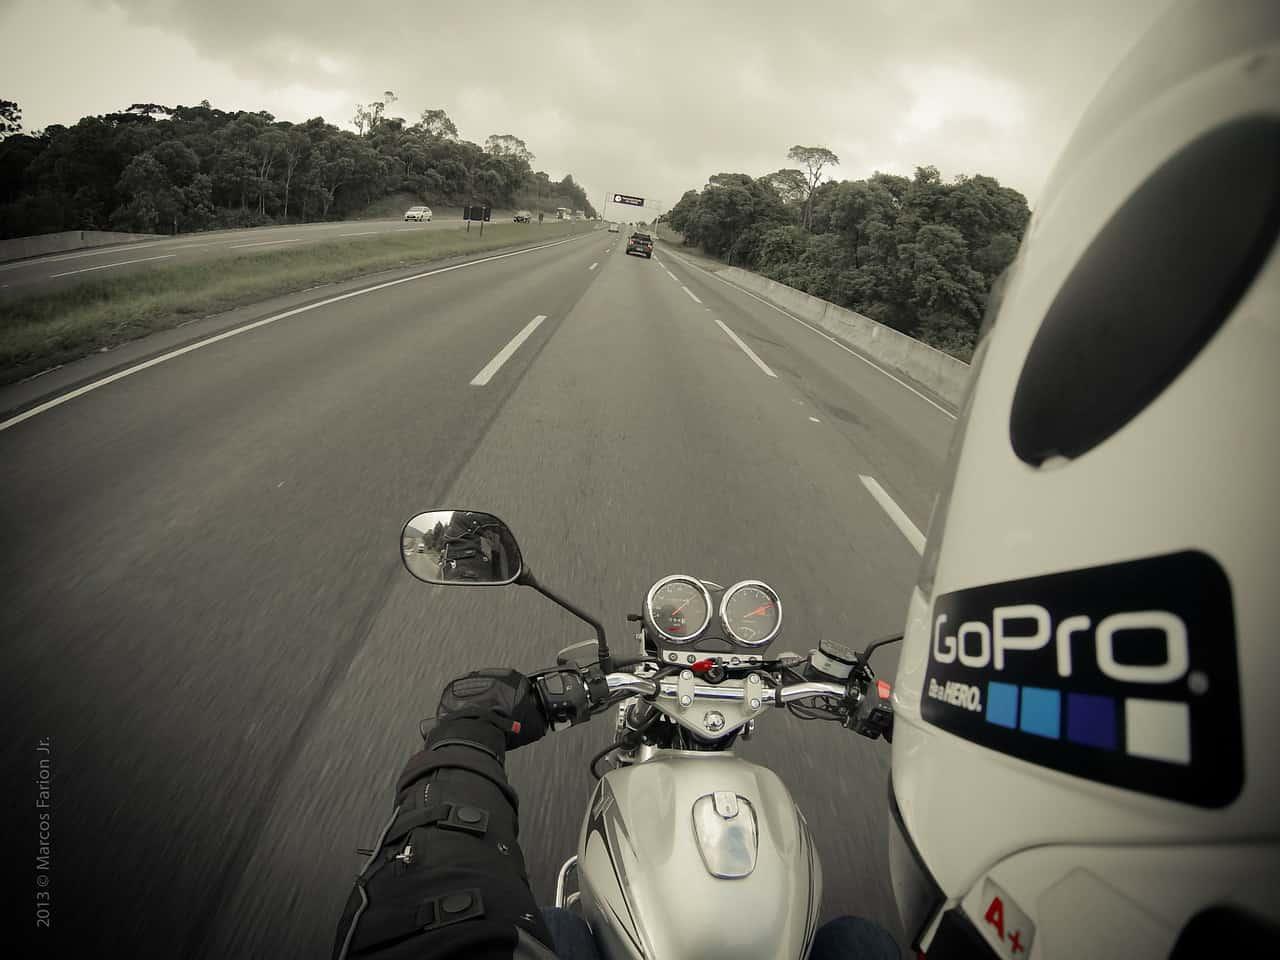 Śmiertelny wypadek we Frydrychowicach. 34-letni motocyklista zginął na miejscu…